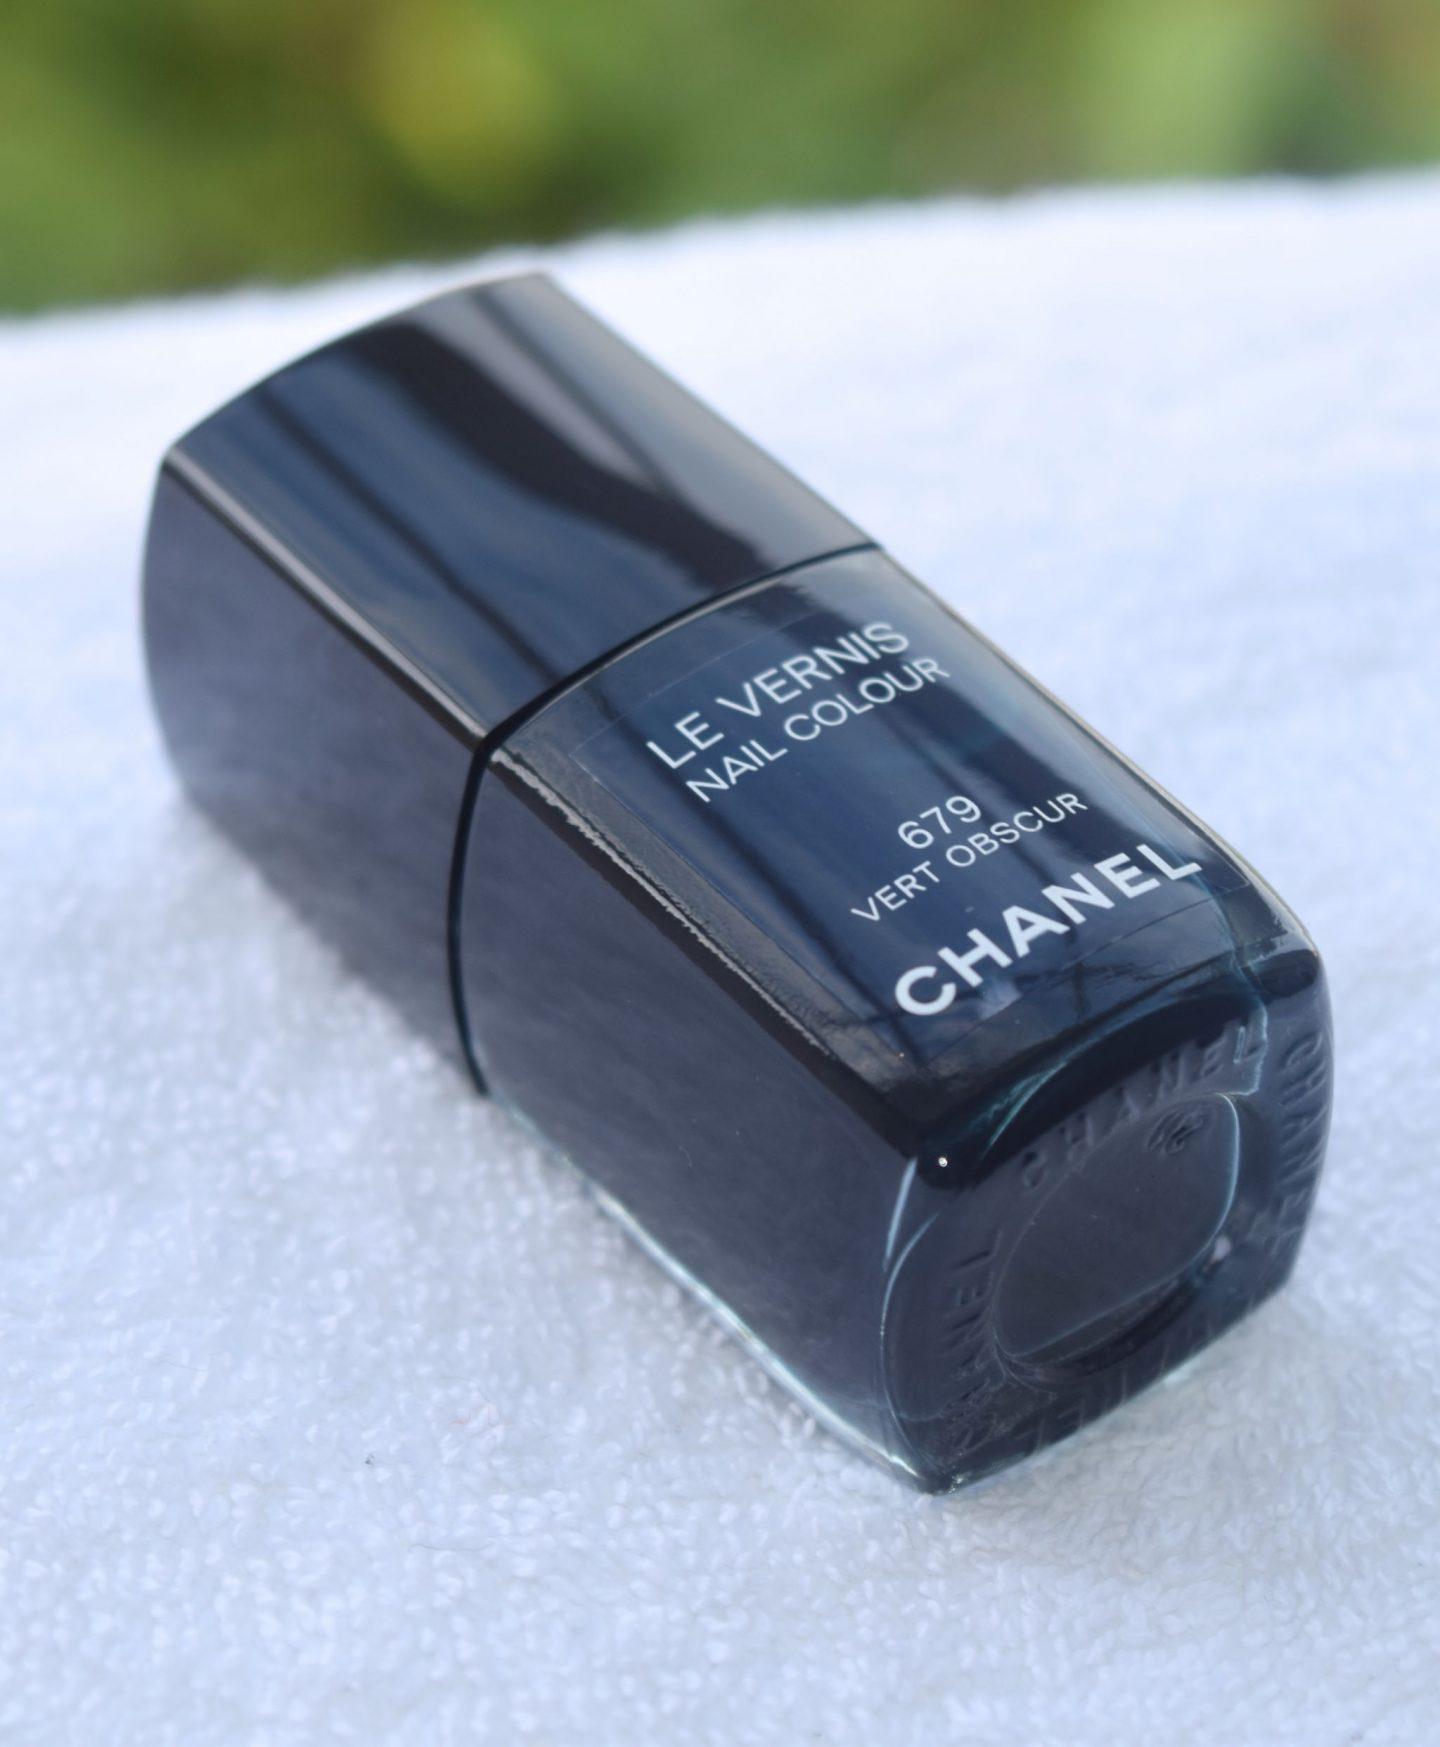 Chanel Le Vernis Vert Obscur